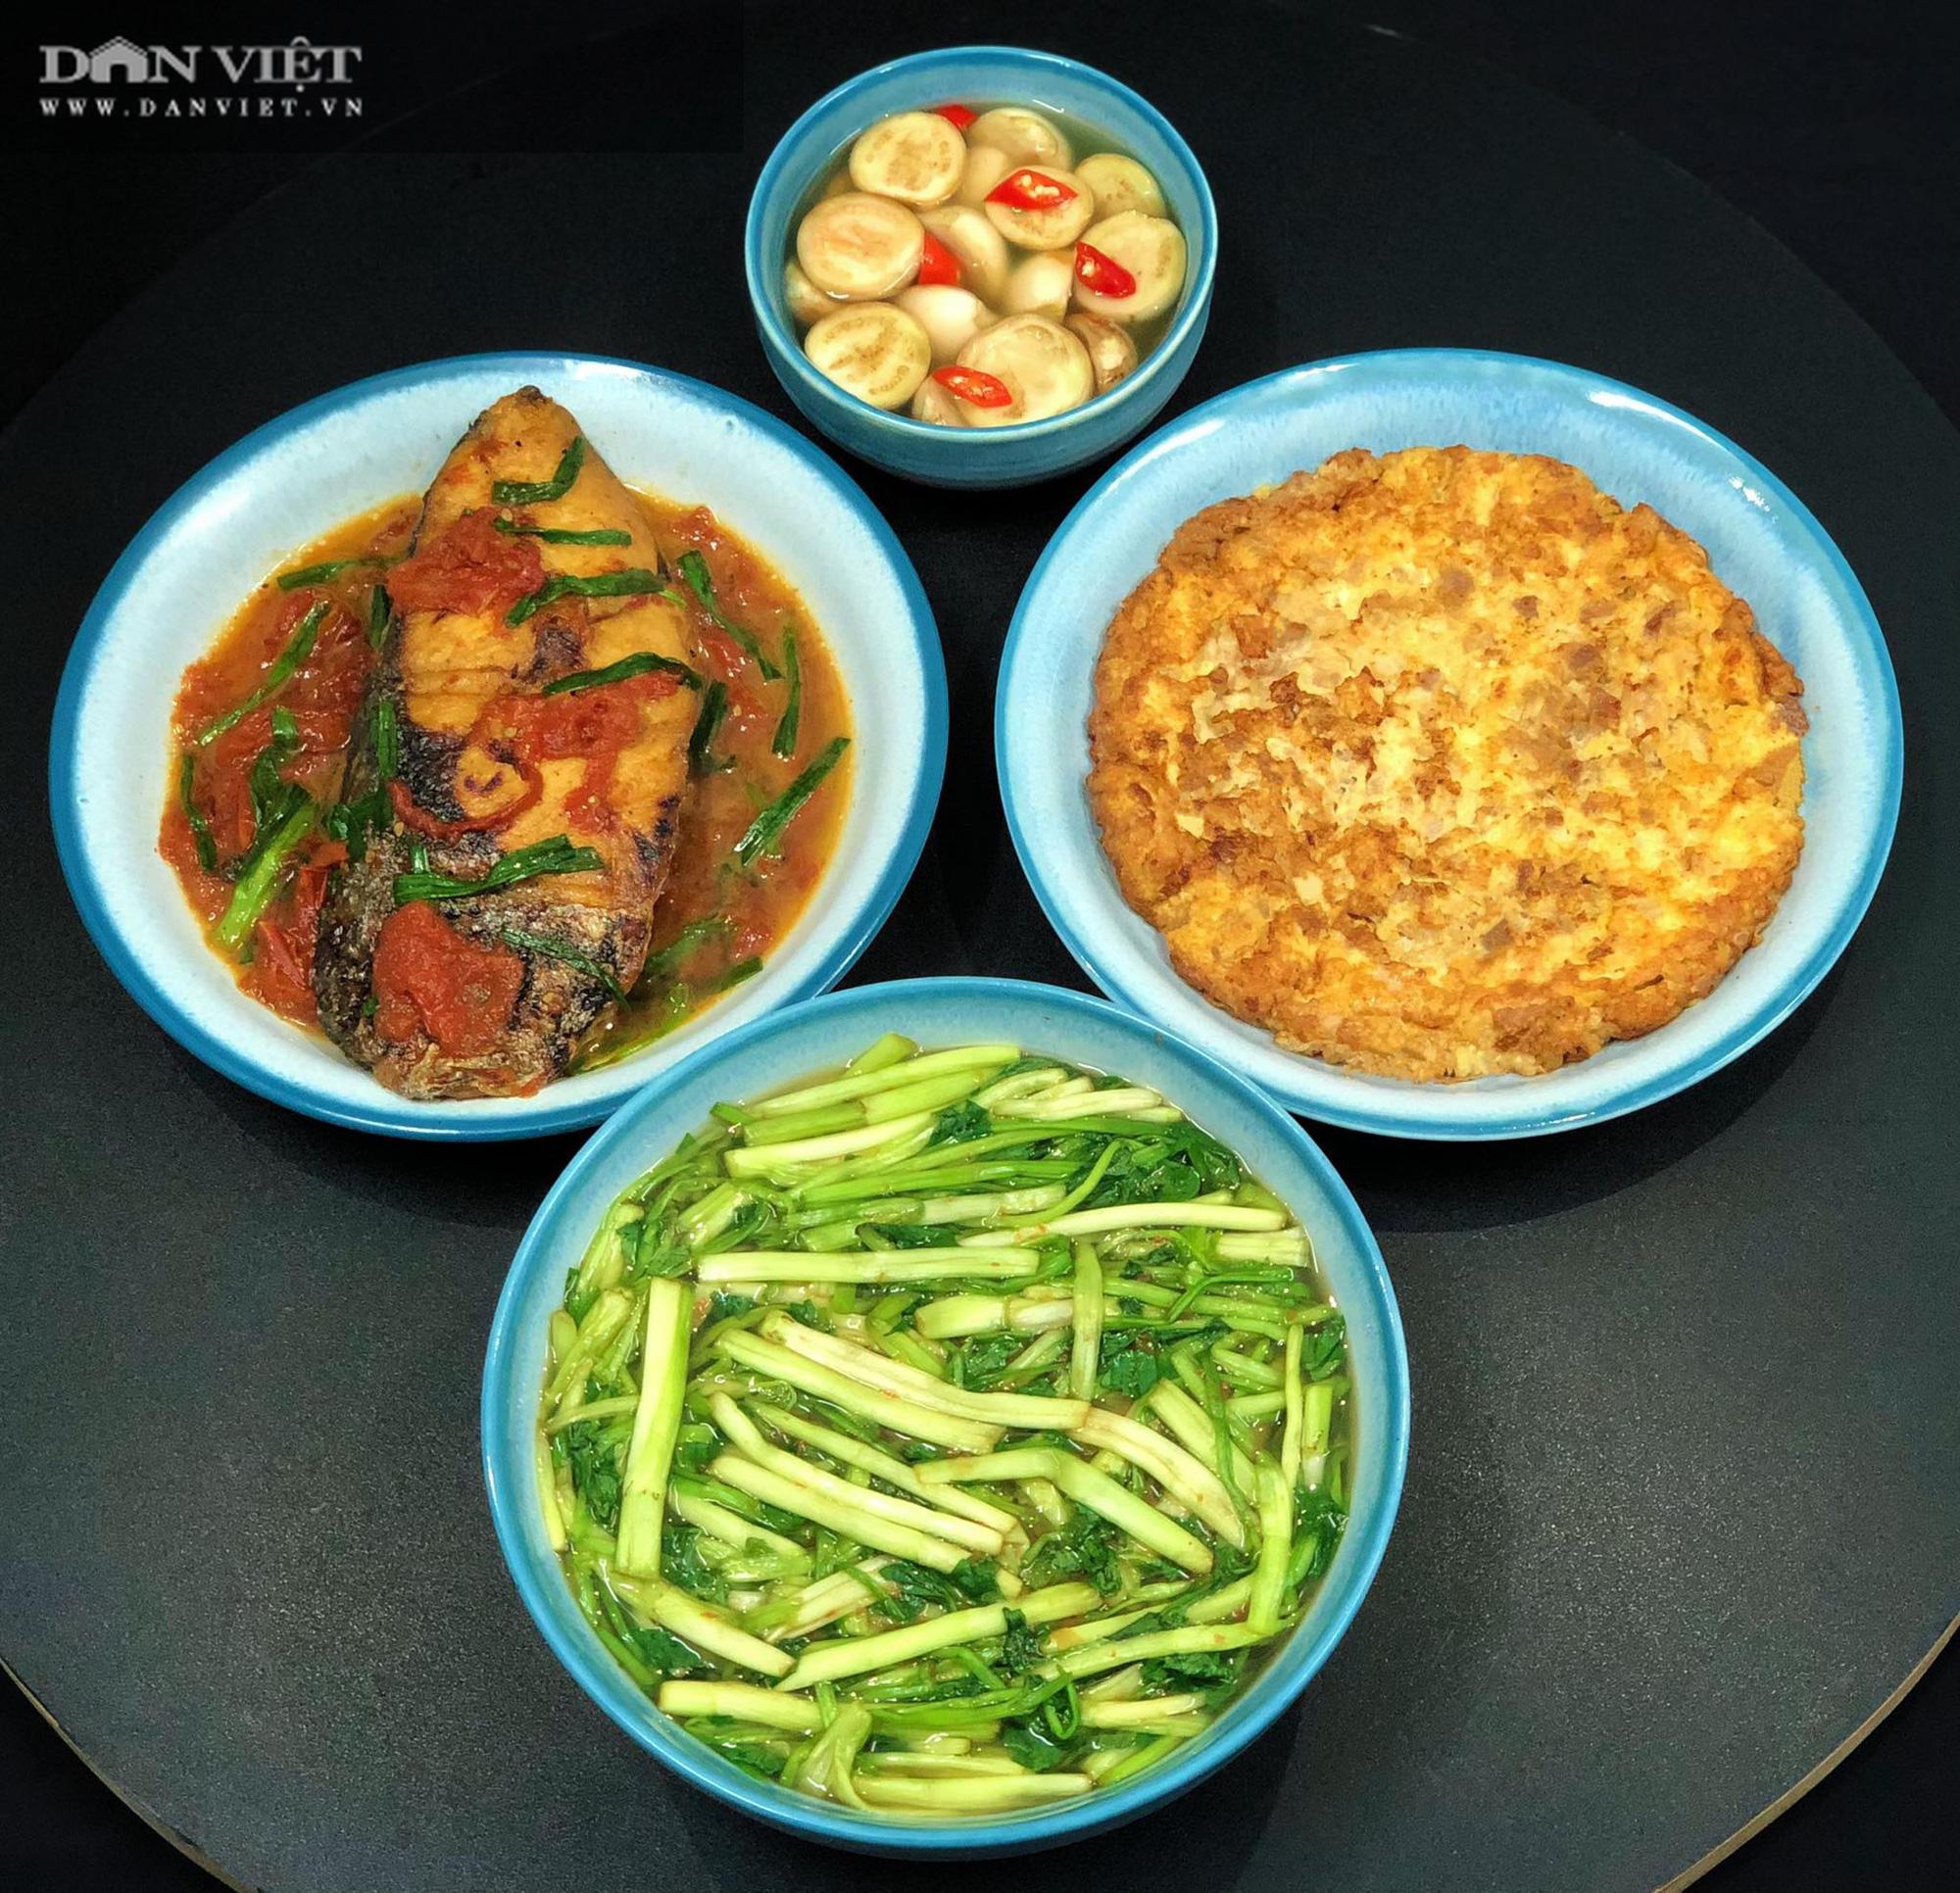 Mẹ đảm Hà thành gợi ý thực đơn cơm nhà đẹp mắt, đủ dinh dưỡng - Ảnh 12.